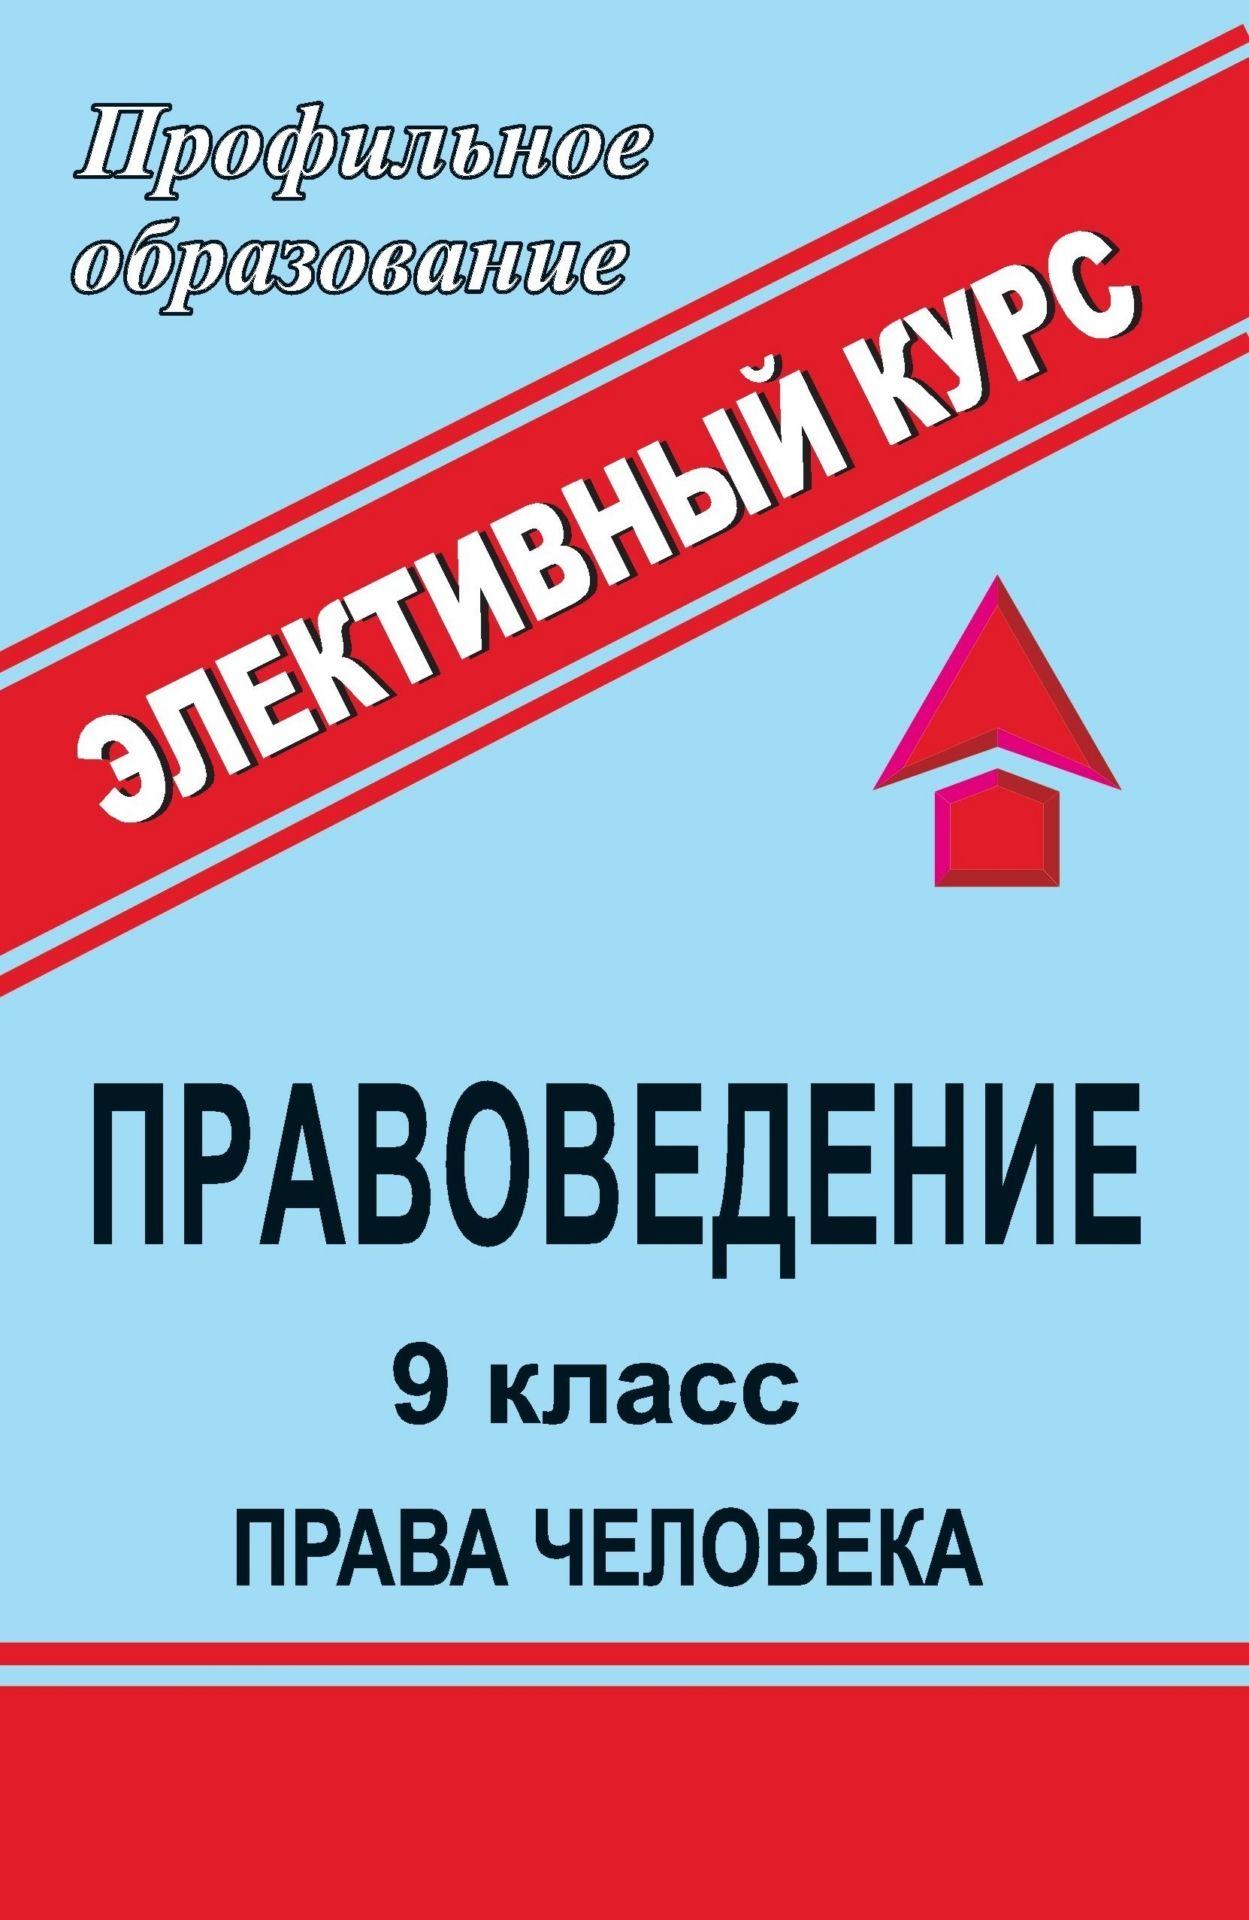 Купить со скидкой Правоведение. 9 кл. Права человека: элективный курс